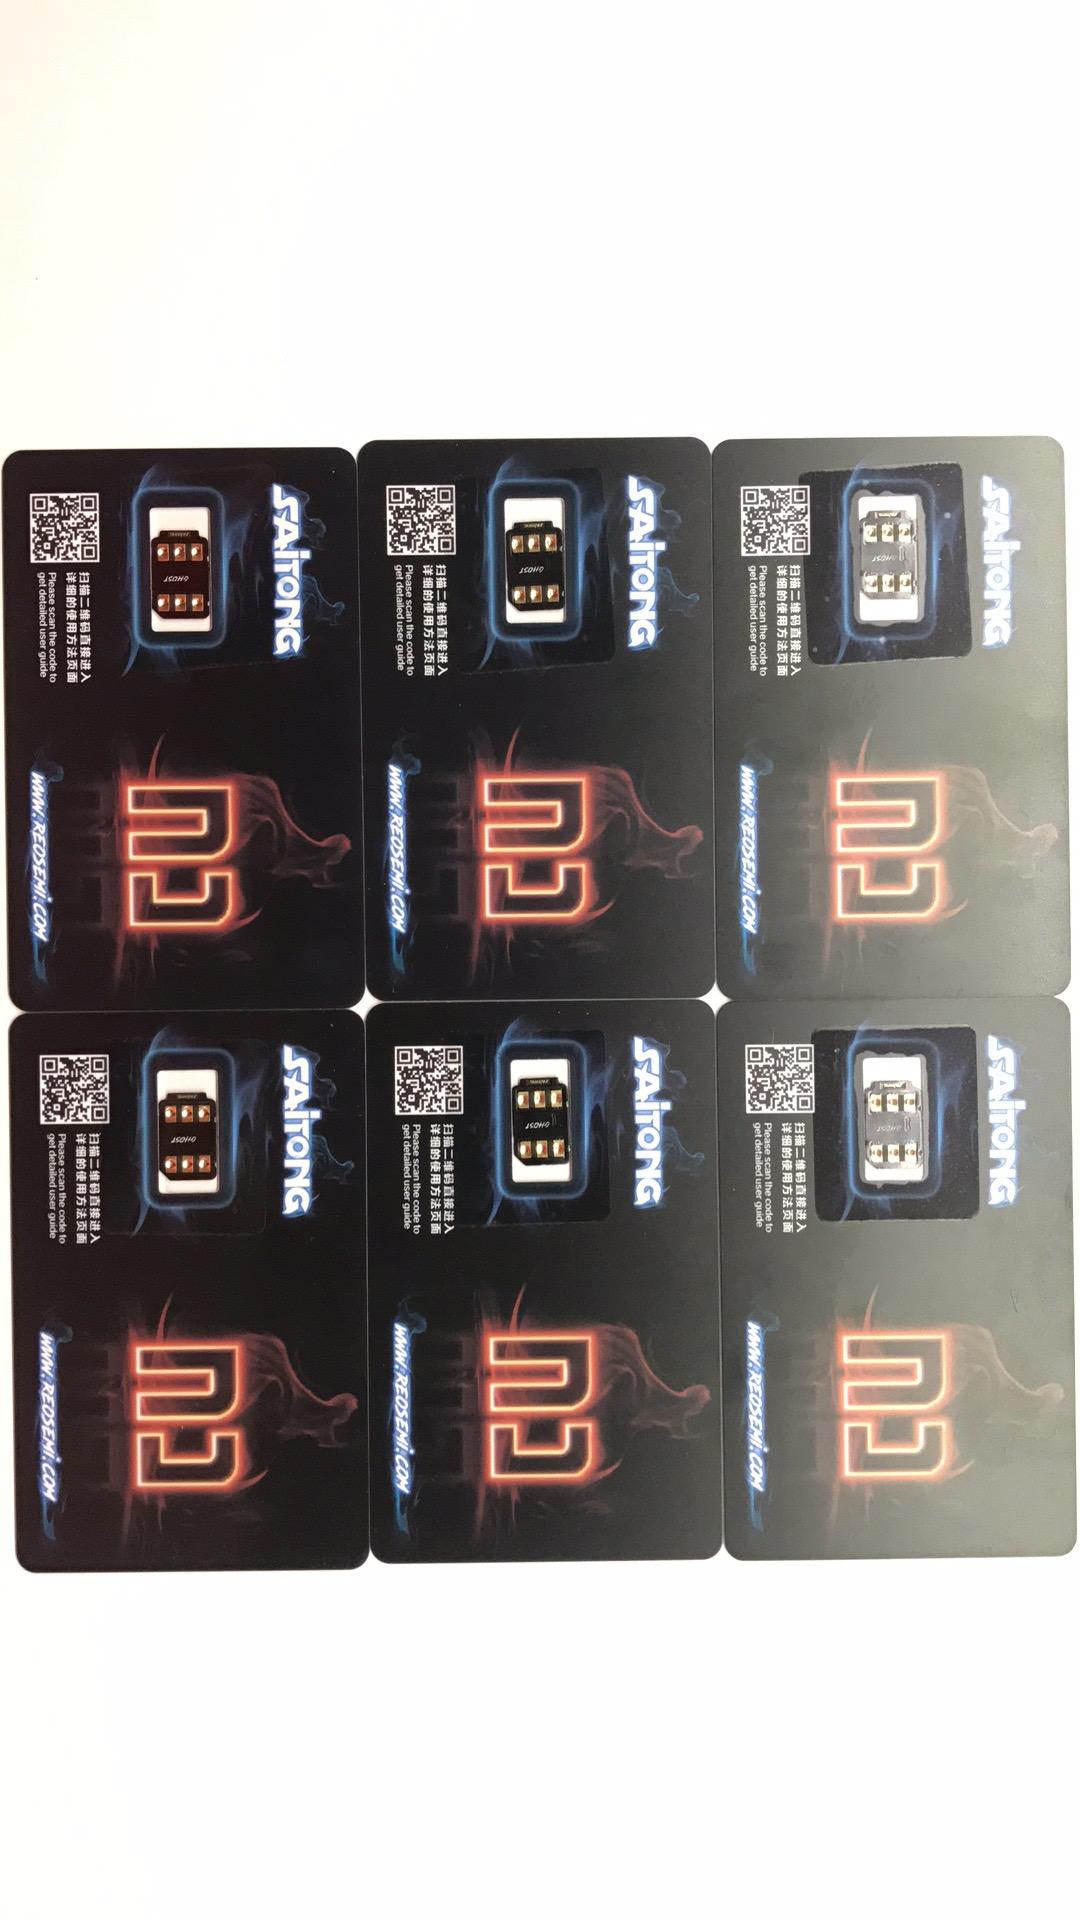 iphone5/6s/6plus/7/8/X日版美版赛通鬼卡proGPP超雪电信4g卡贴